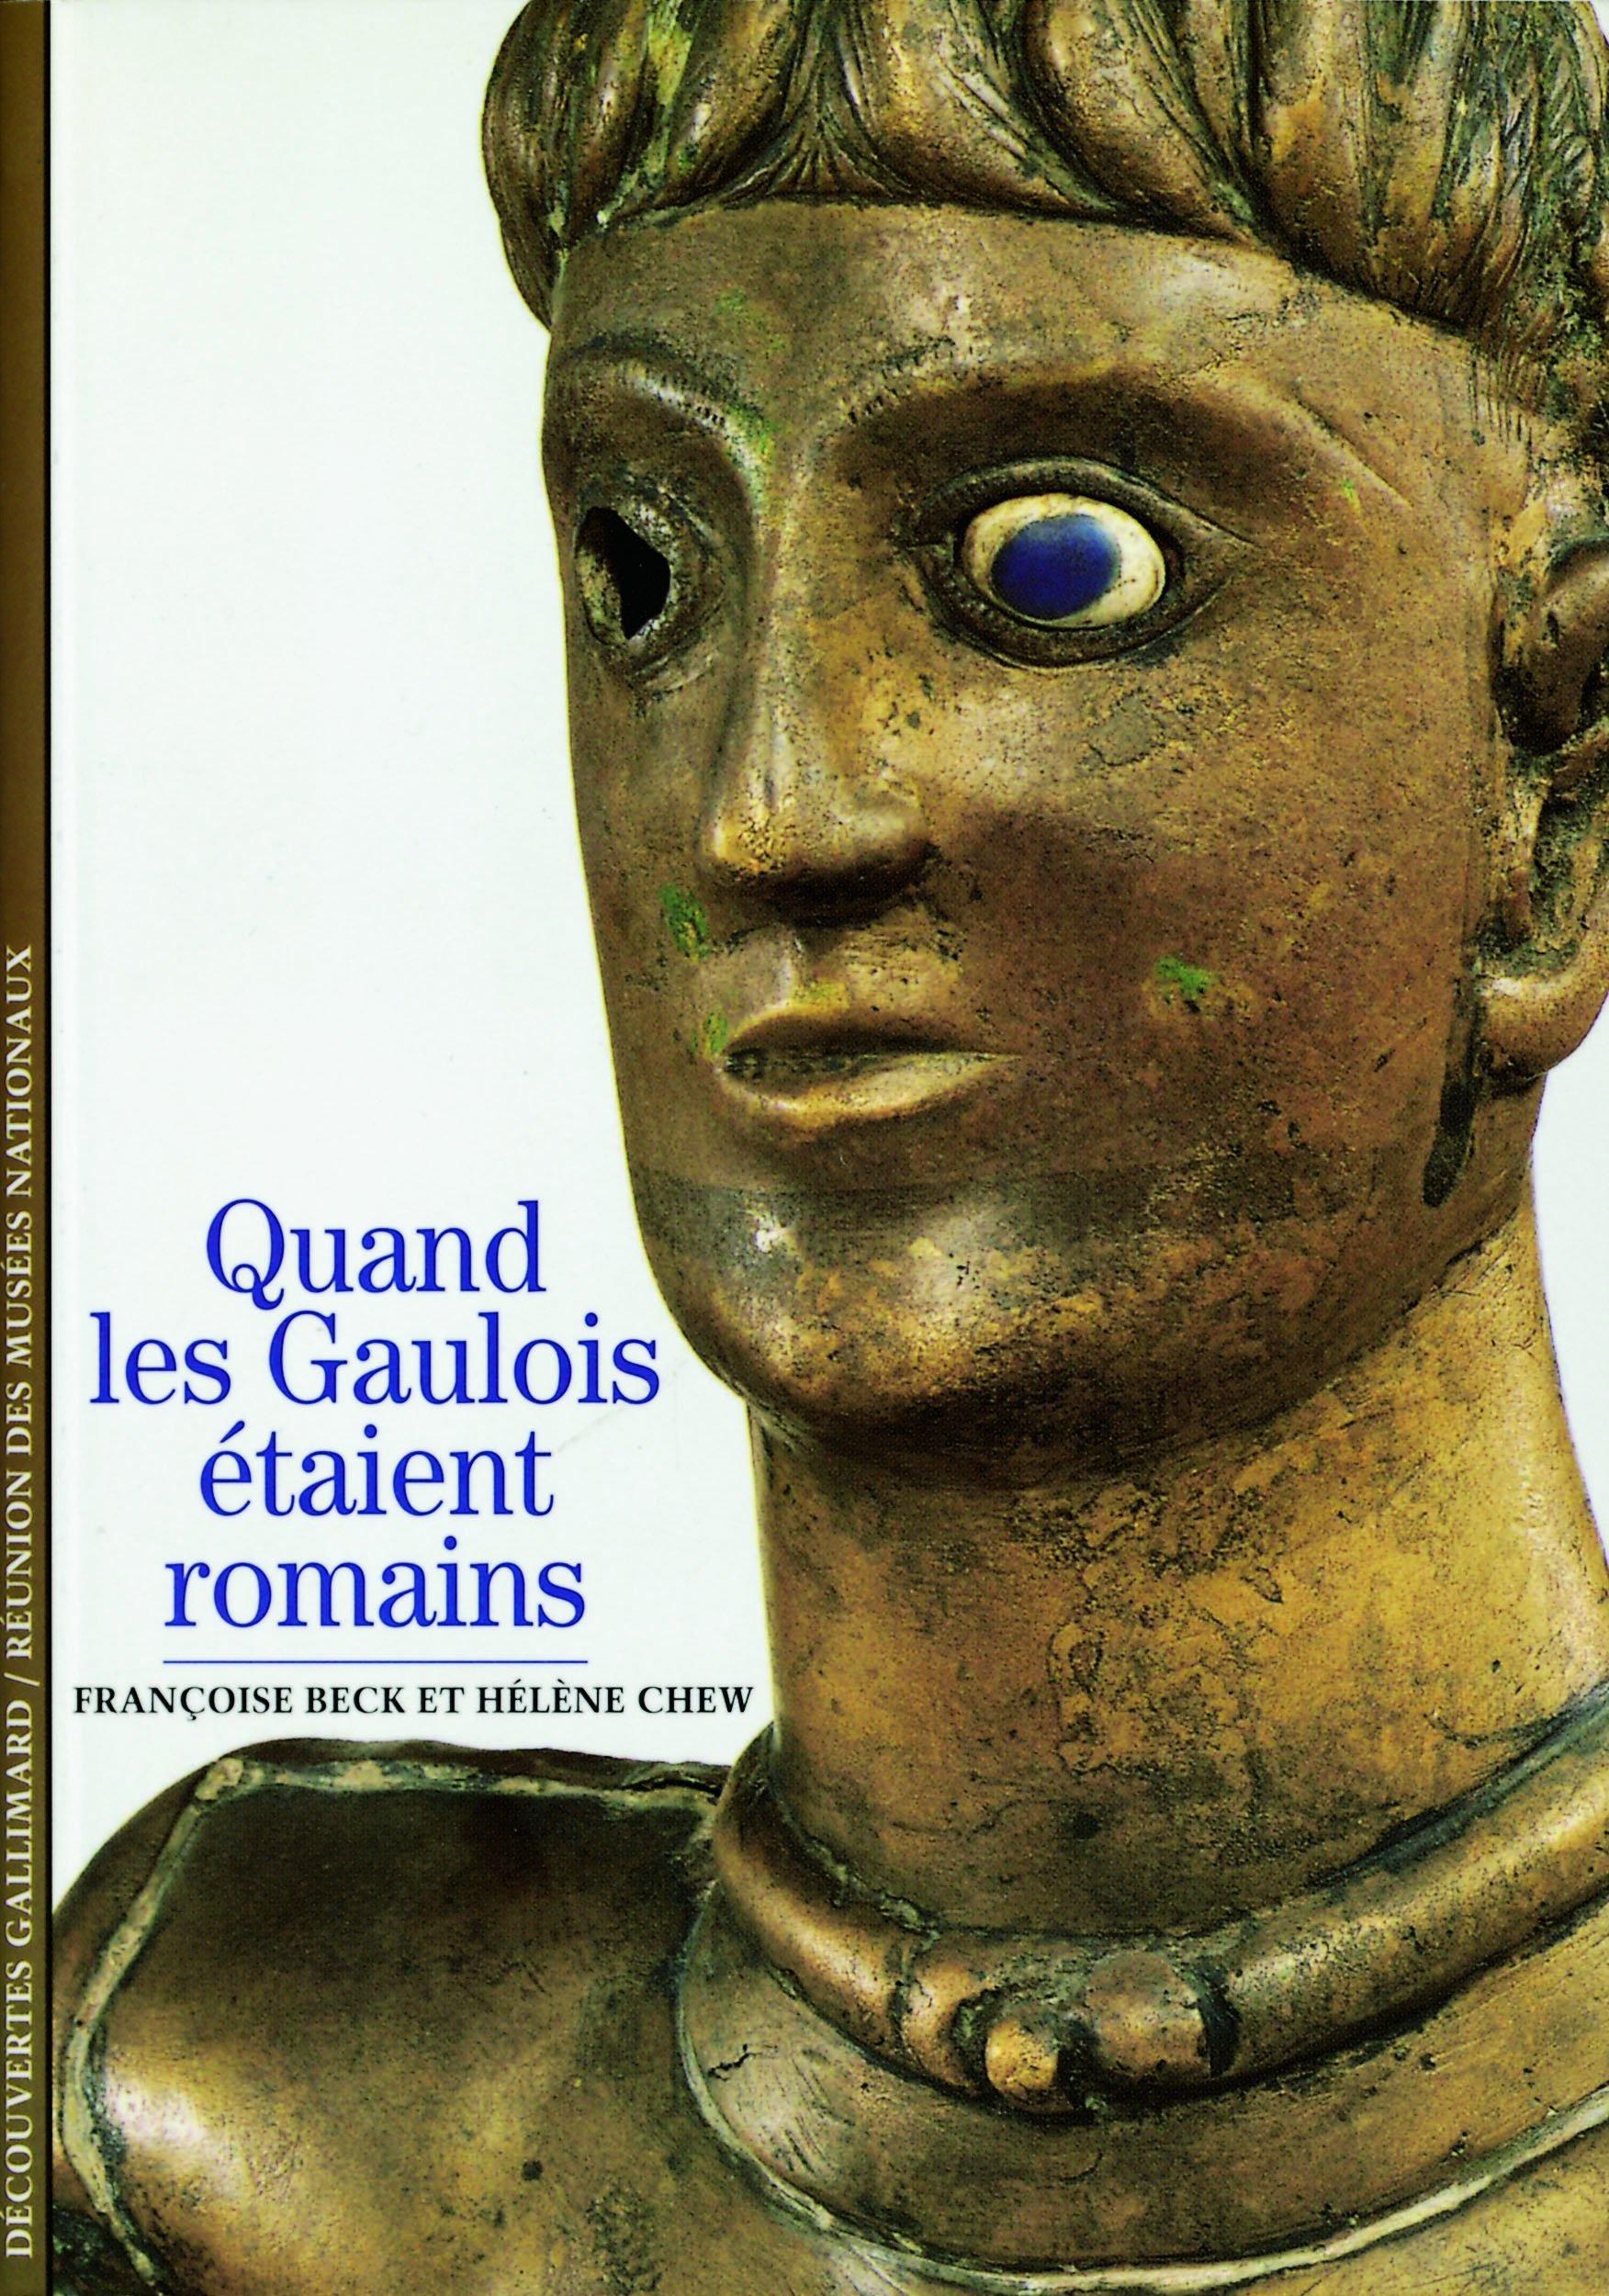 Quand les Gaulois étaient romains - Francoise Beck